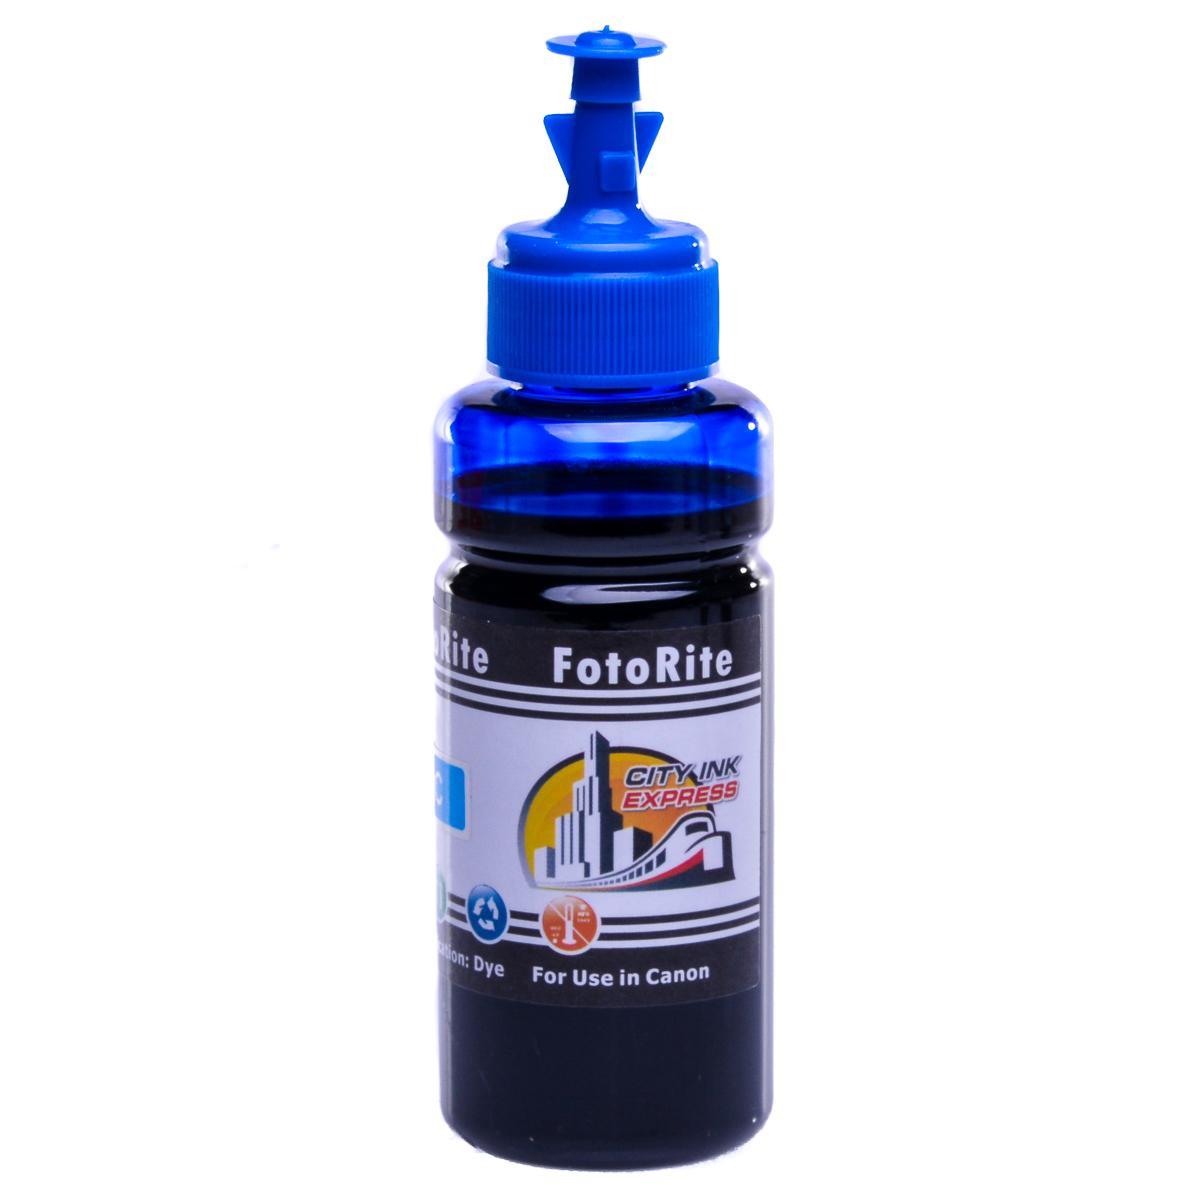 Cheap Cyan dye ink replaces Canon Pixma MG5250 - CLI-526C